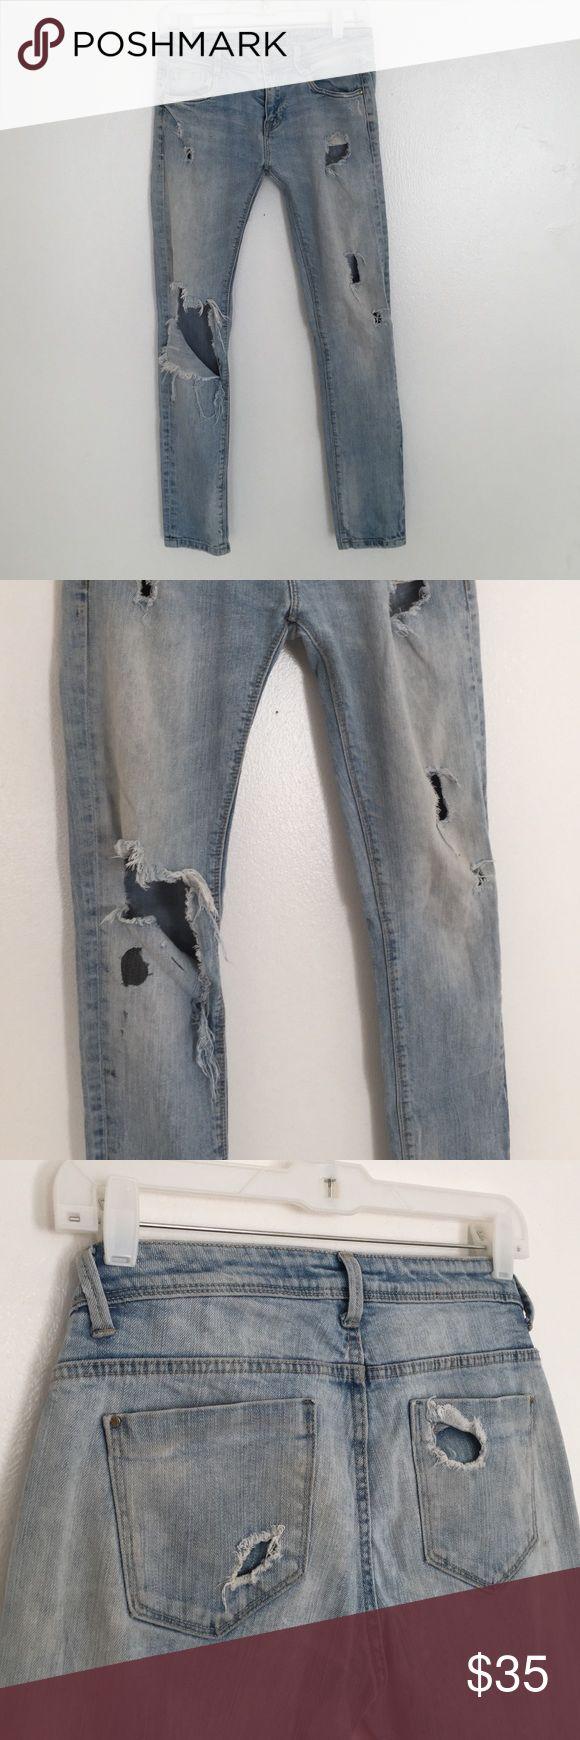 ZARA slim jeans Slim fit Zara Jeans